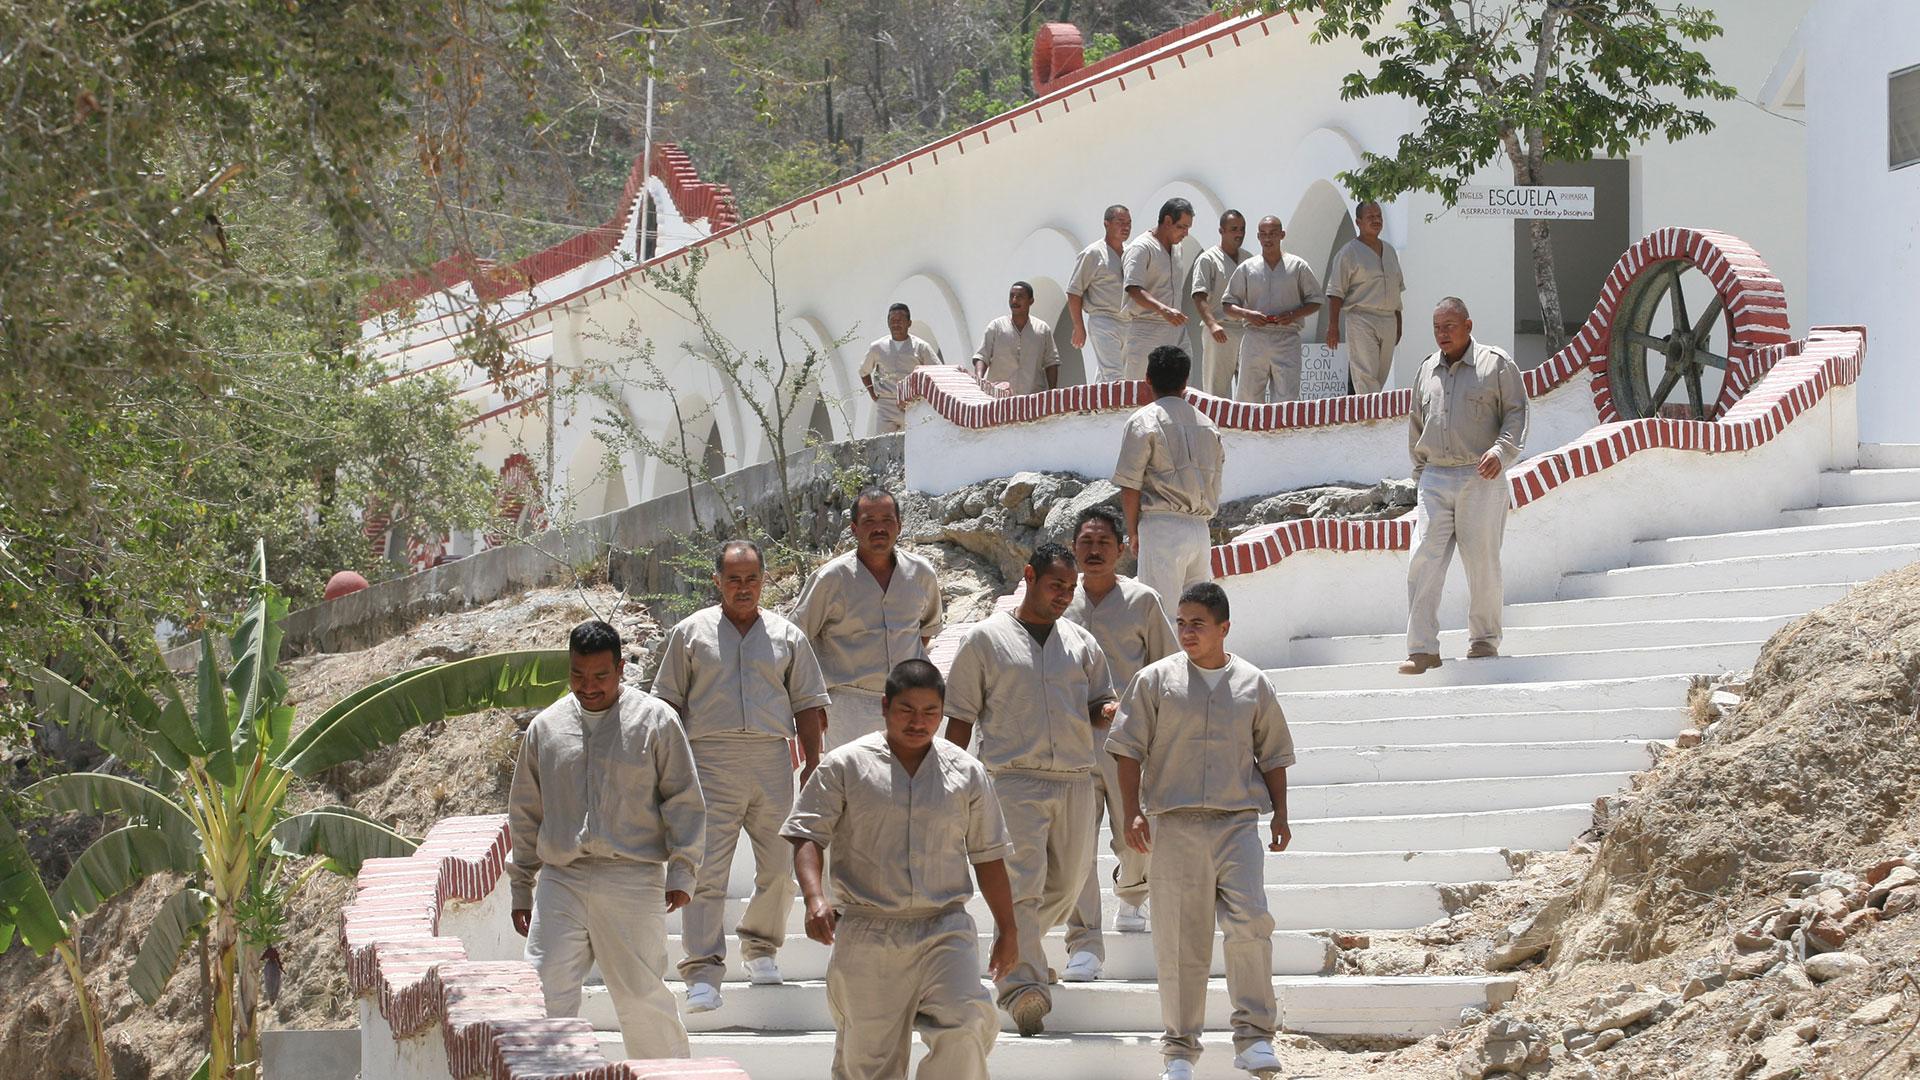 La prisión sólo es custodiada por 49 guardias y 80 elementos de la Marina Mexicana (Foto: Archivo)